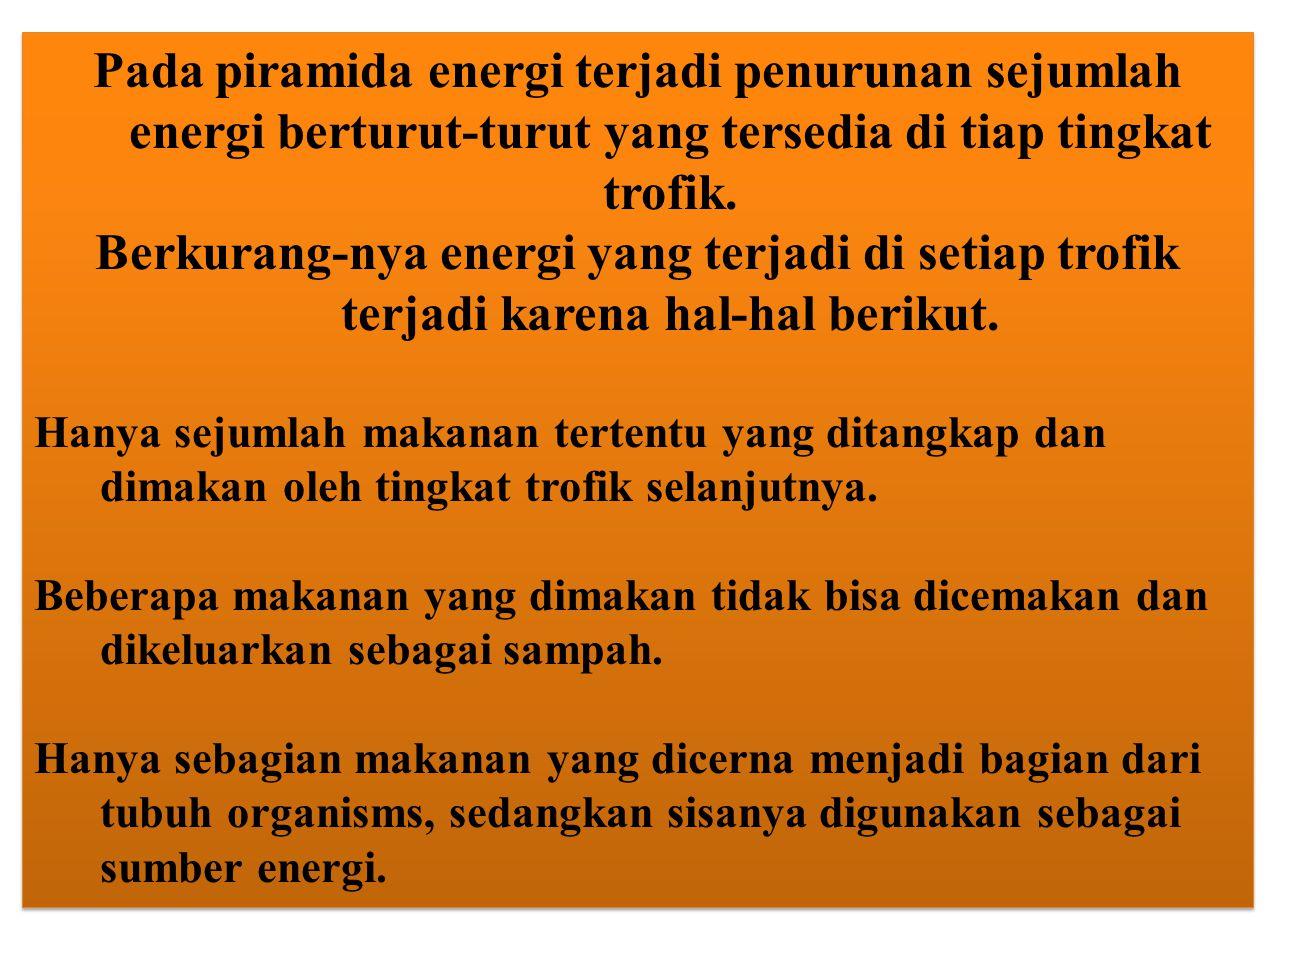 Pada piramida energi terjadi penurunan sejumlah energi berturut-turut yang tersedia di tiap tingkat trofik.